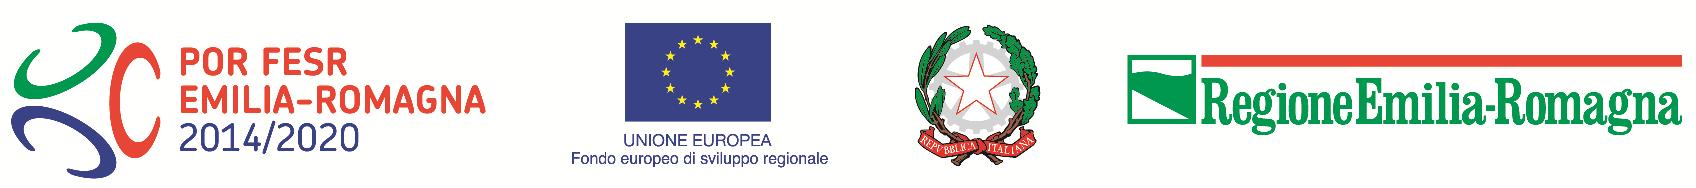 banner bando regione emilia romagna